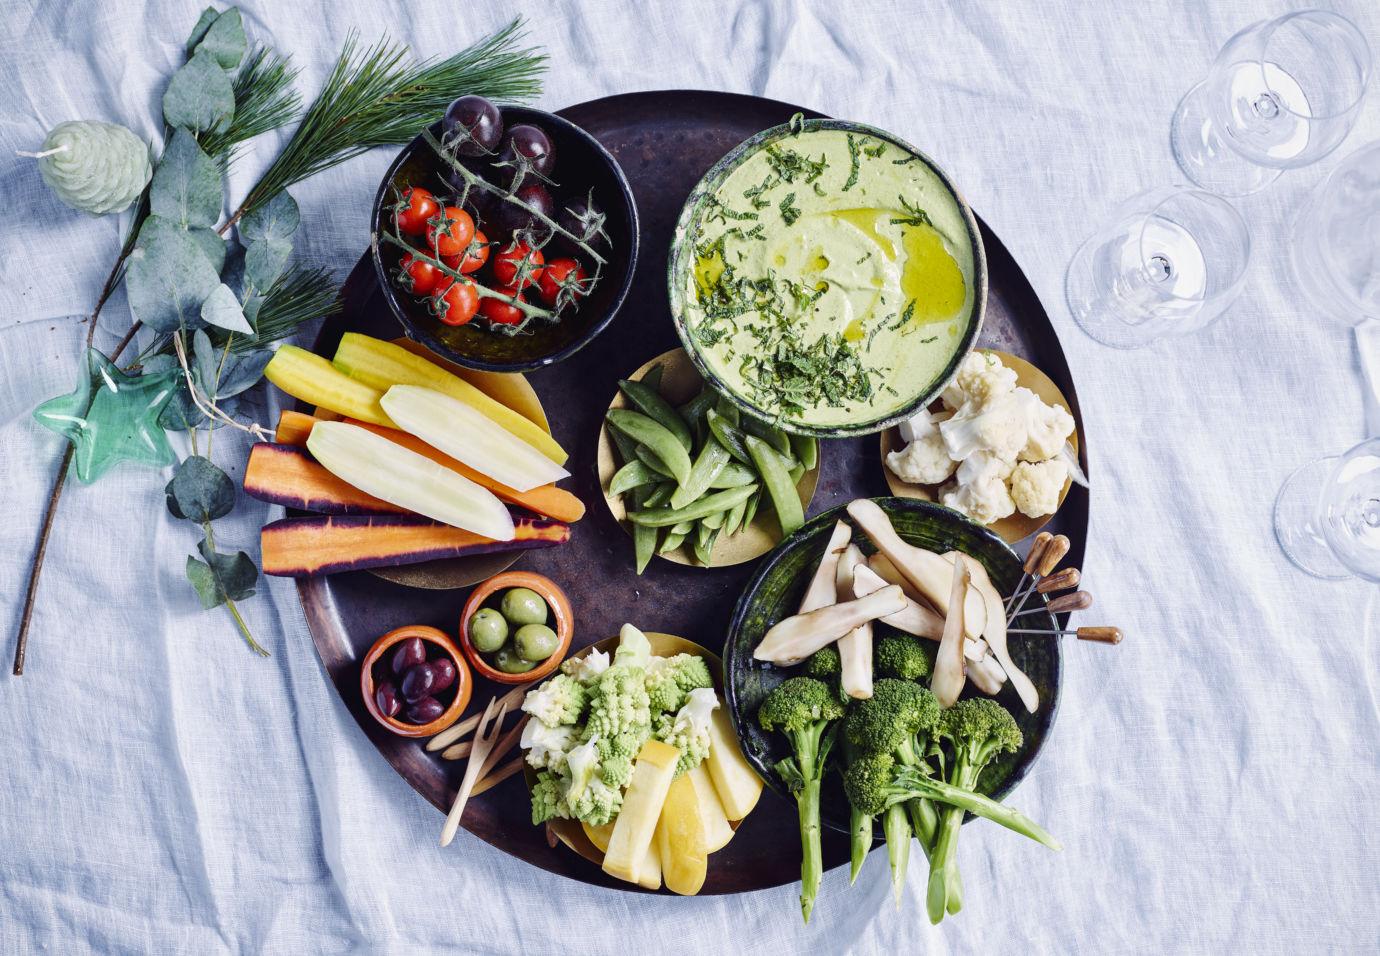 Apero feestplank met cashew tahin-kruidendip door Sofie Dumont